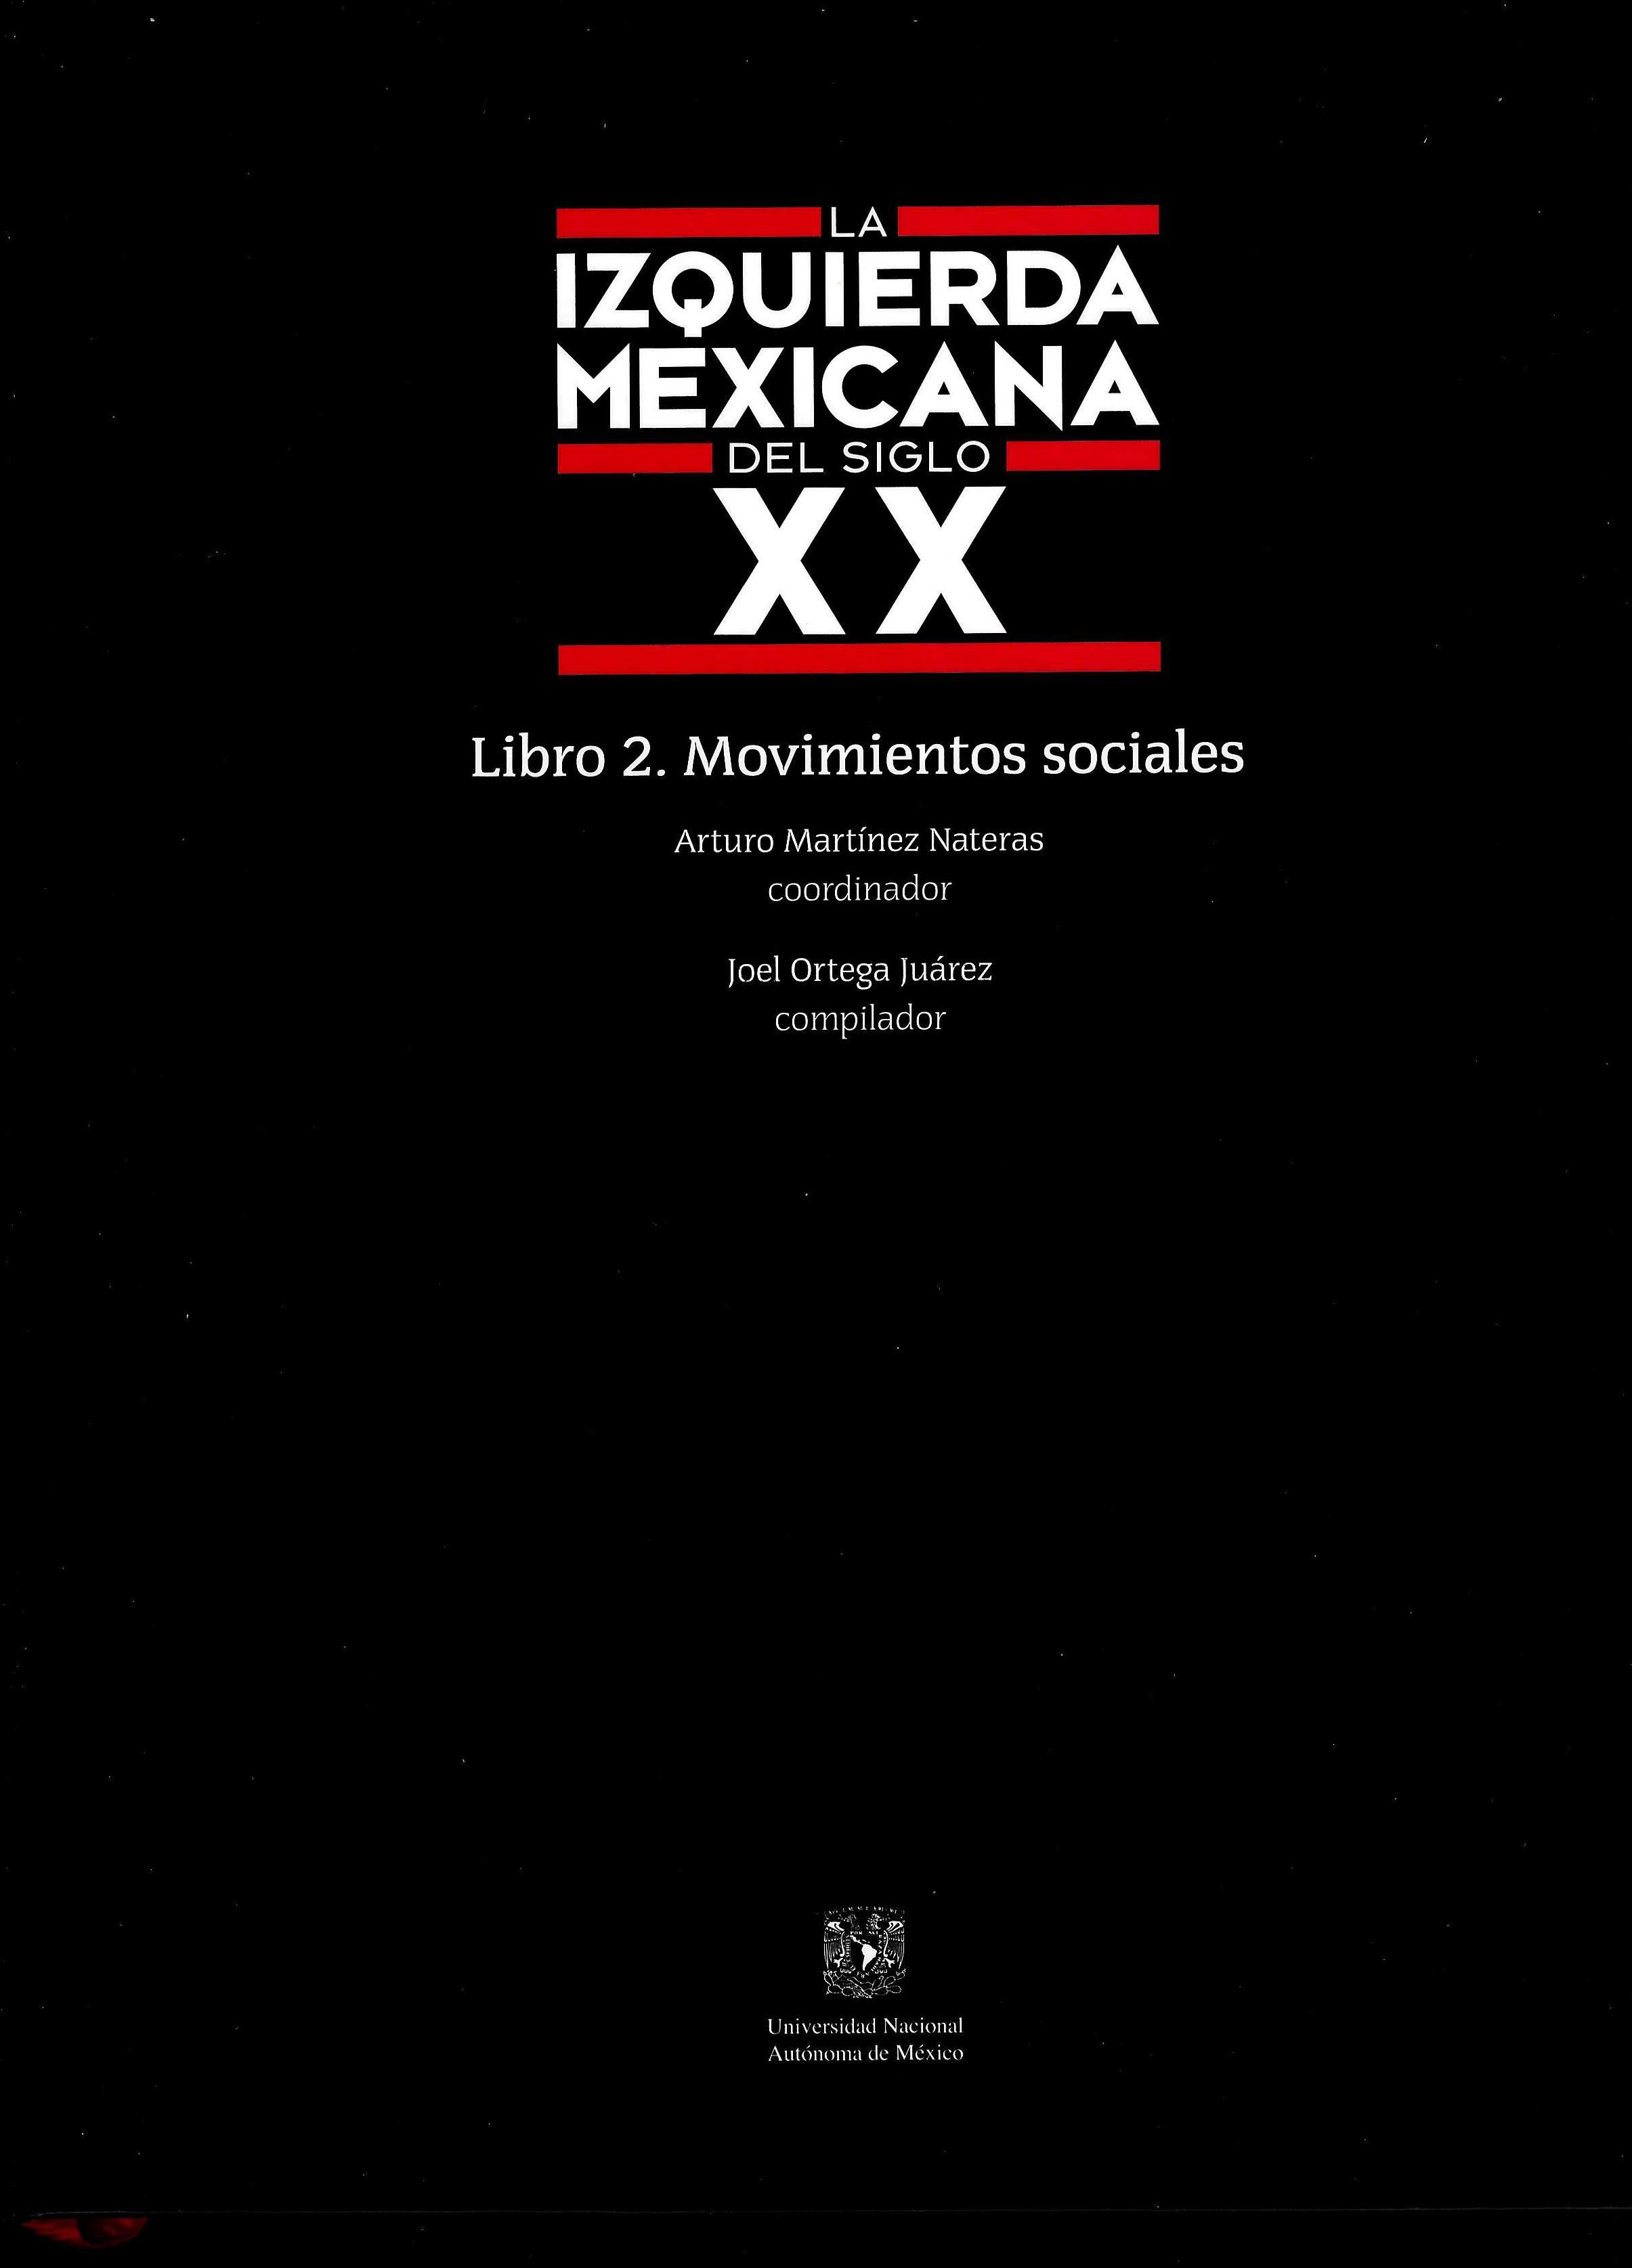 La izquierda mexicana del siglo XX. Libro 2. Movimientos sociales